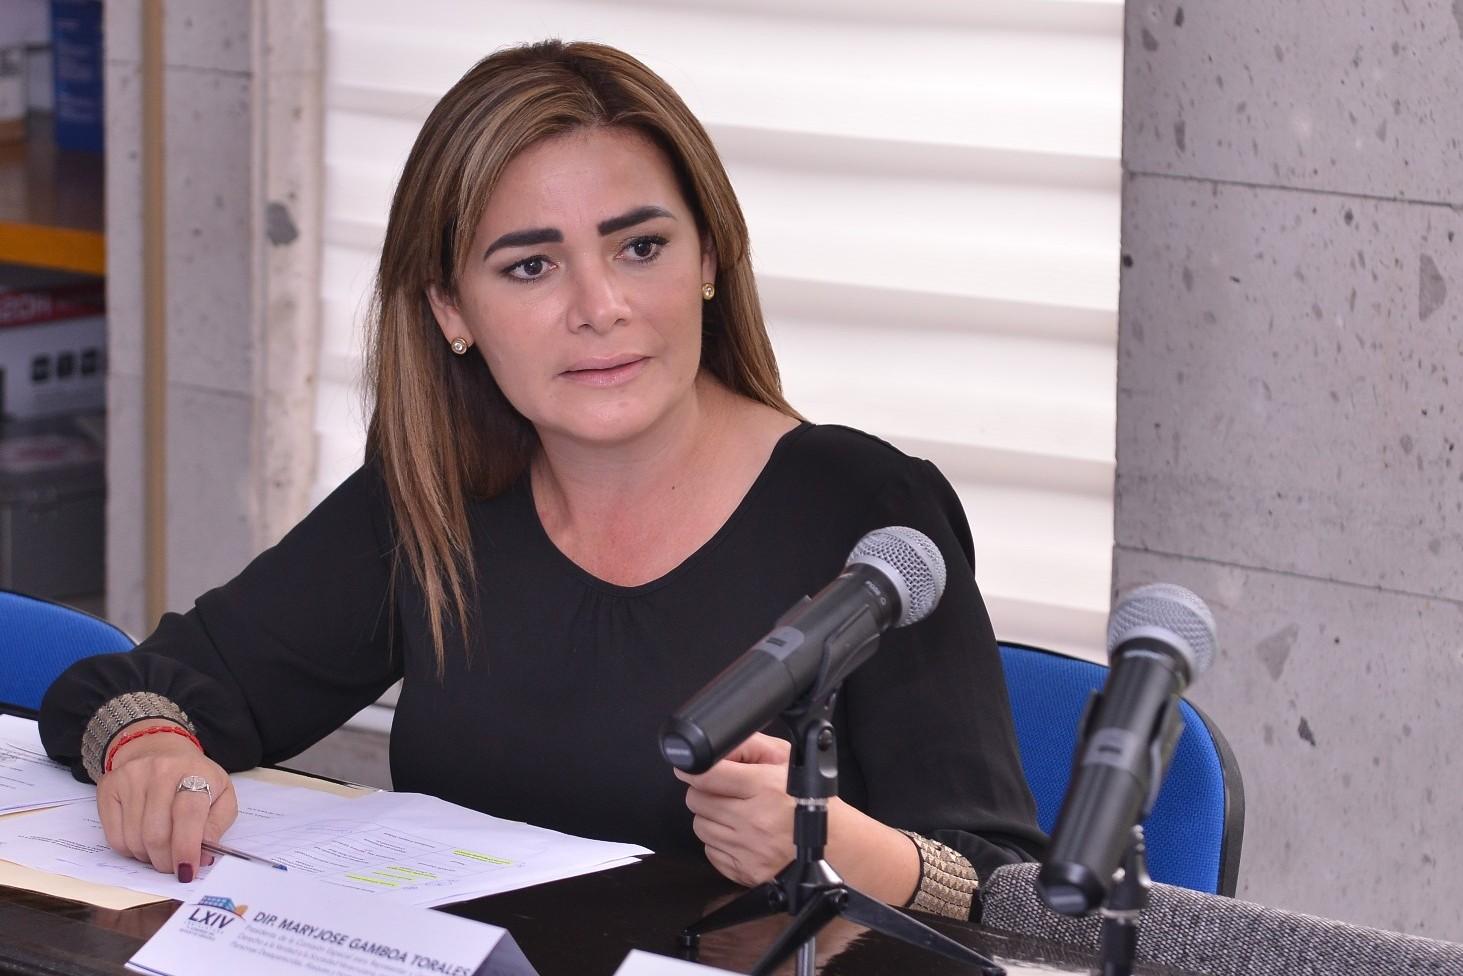 Continúa gestión para conformar panteones ministeriales: María Josefina Gamboa Torales